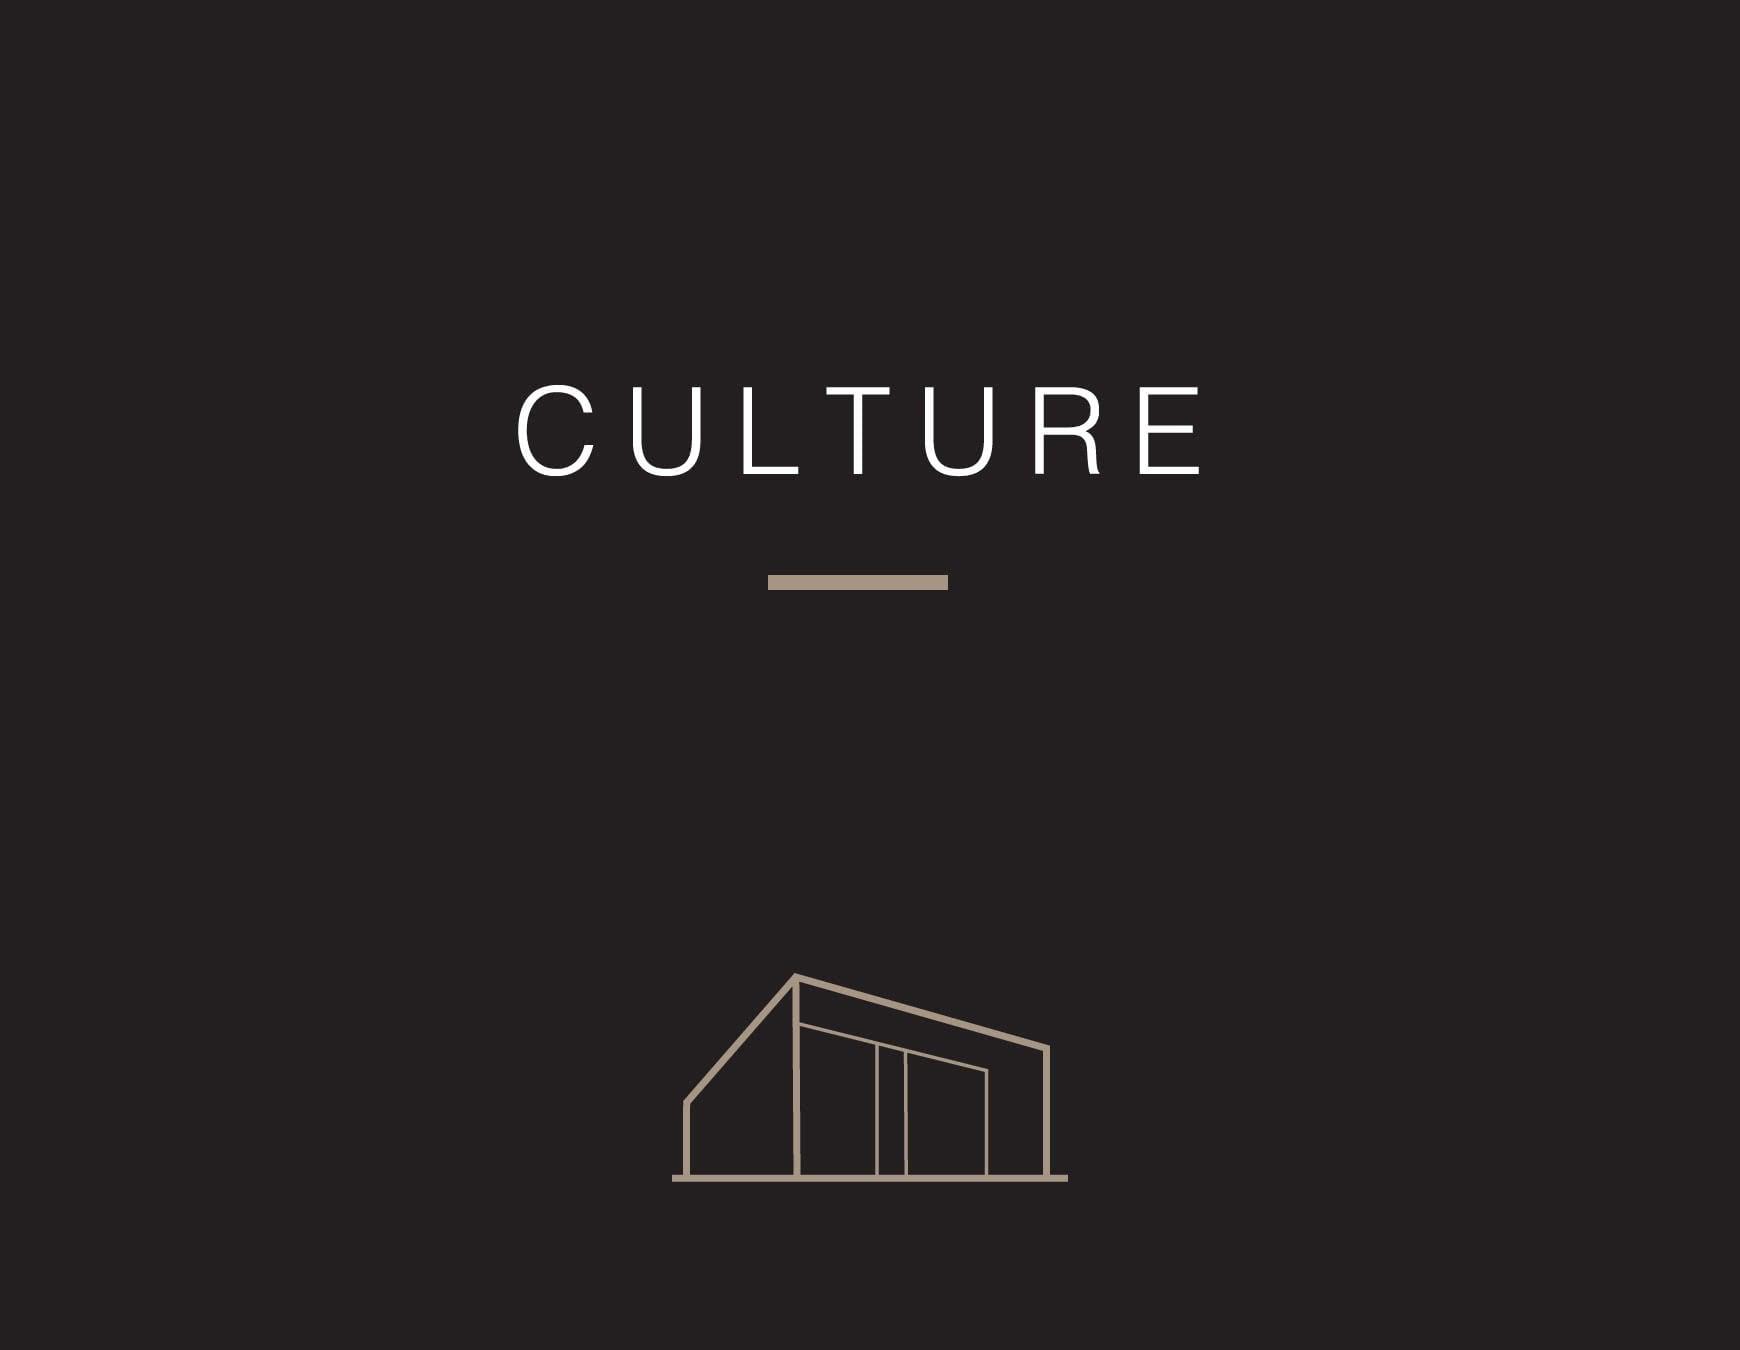 kohler-bold-design-award-culture-2018